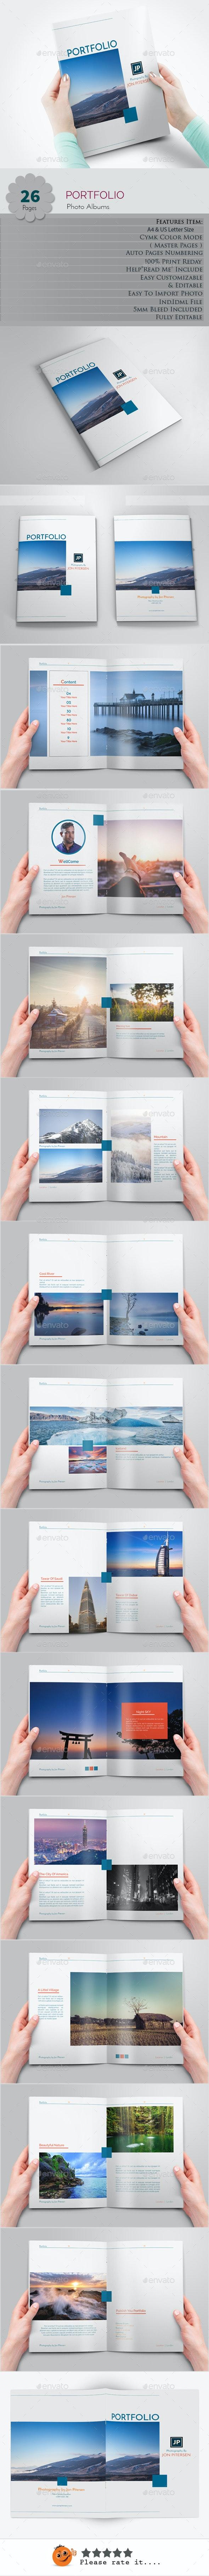 Portfolio Photo Albums - Photo Albums Print Templates